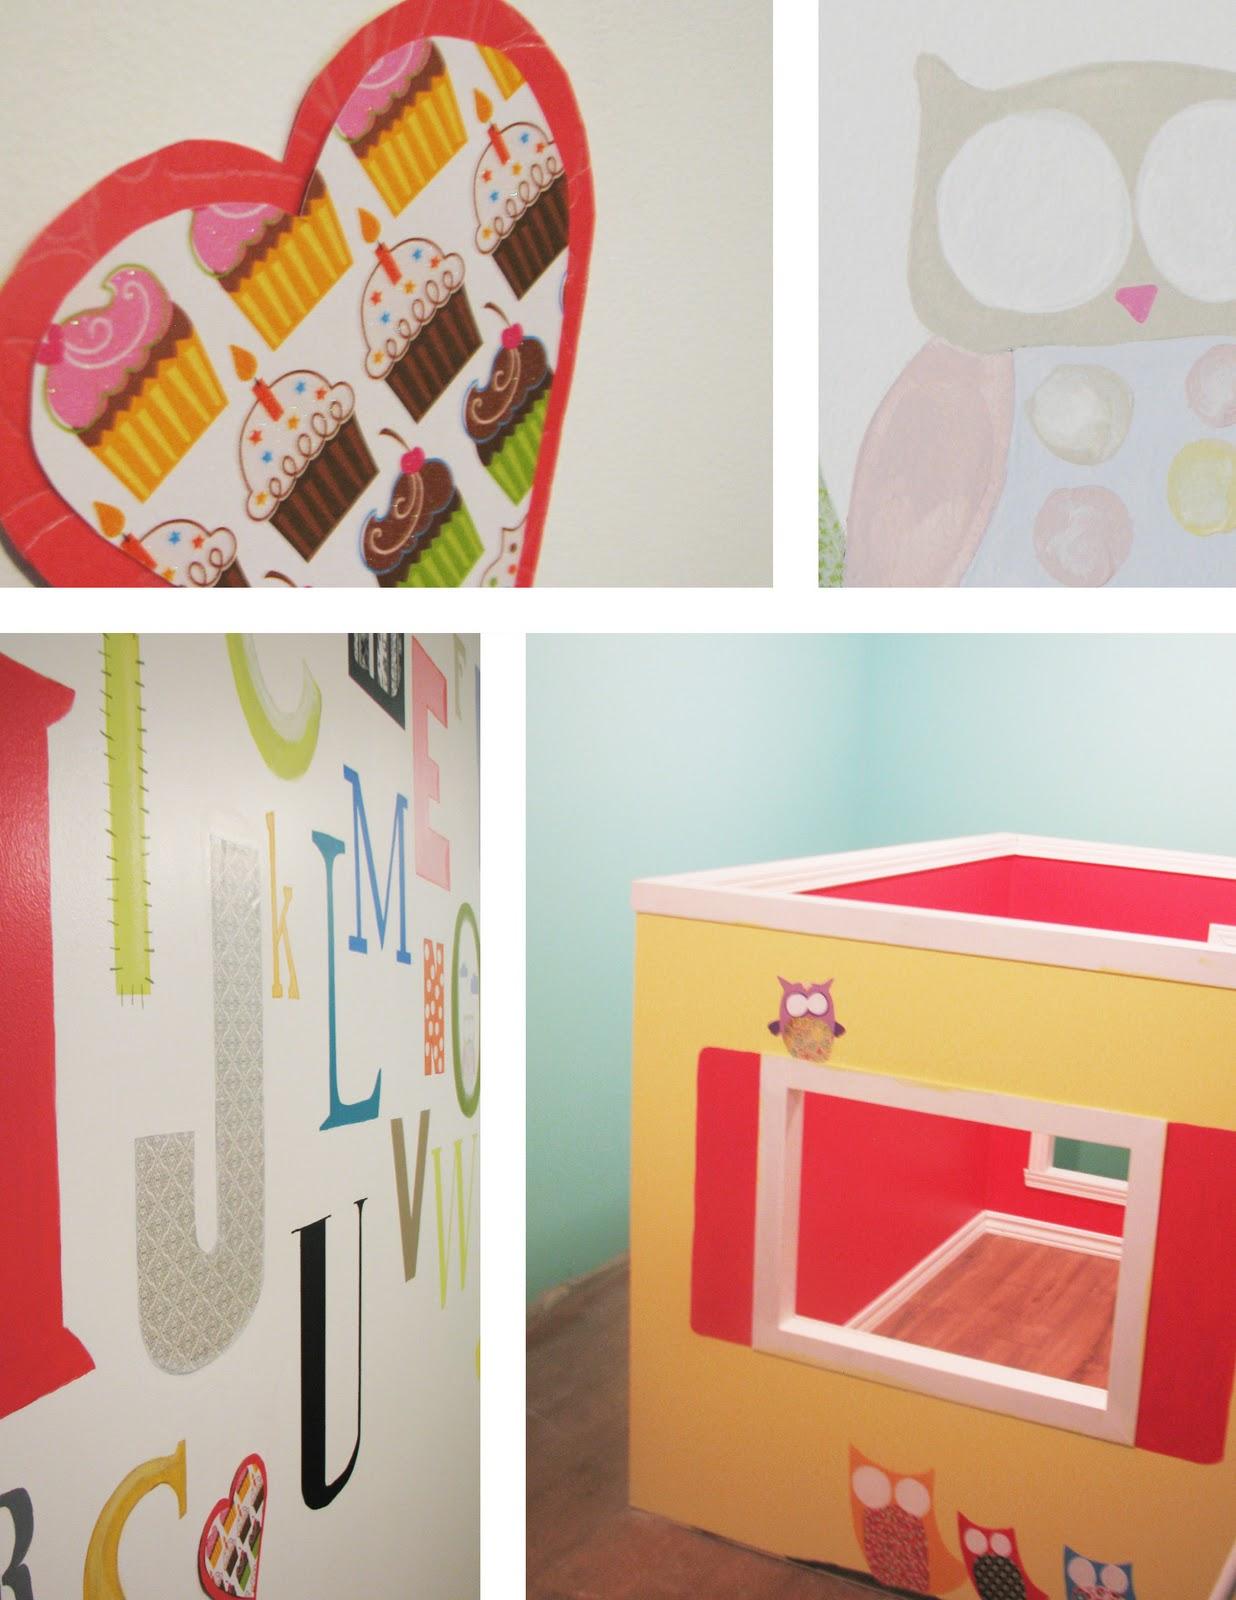 papier peint pour salle de jeux. Black Bedroom Furniture Sets. Home Design Ideas